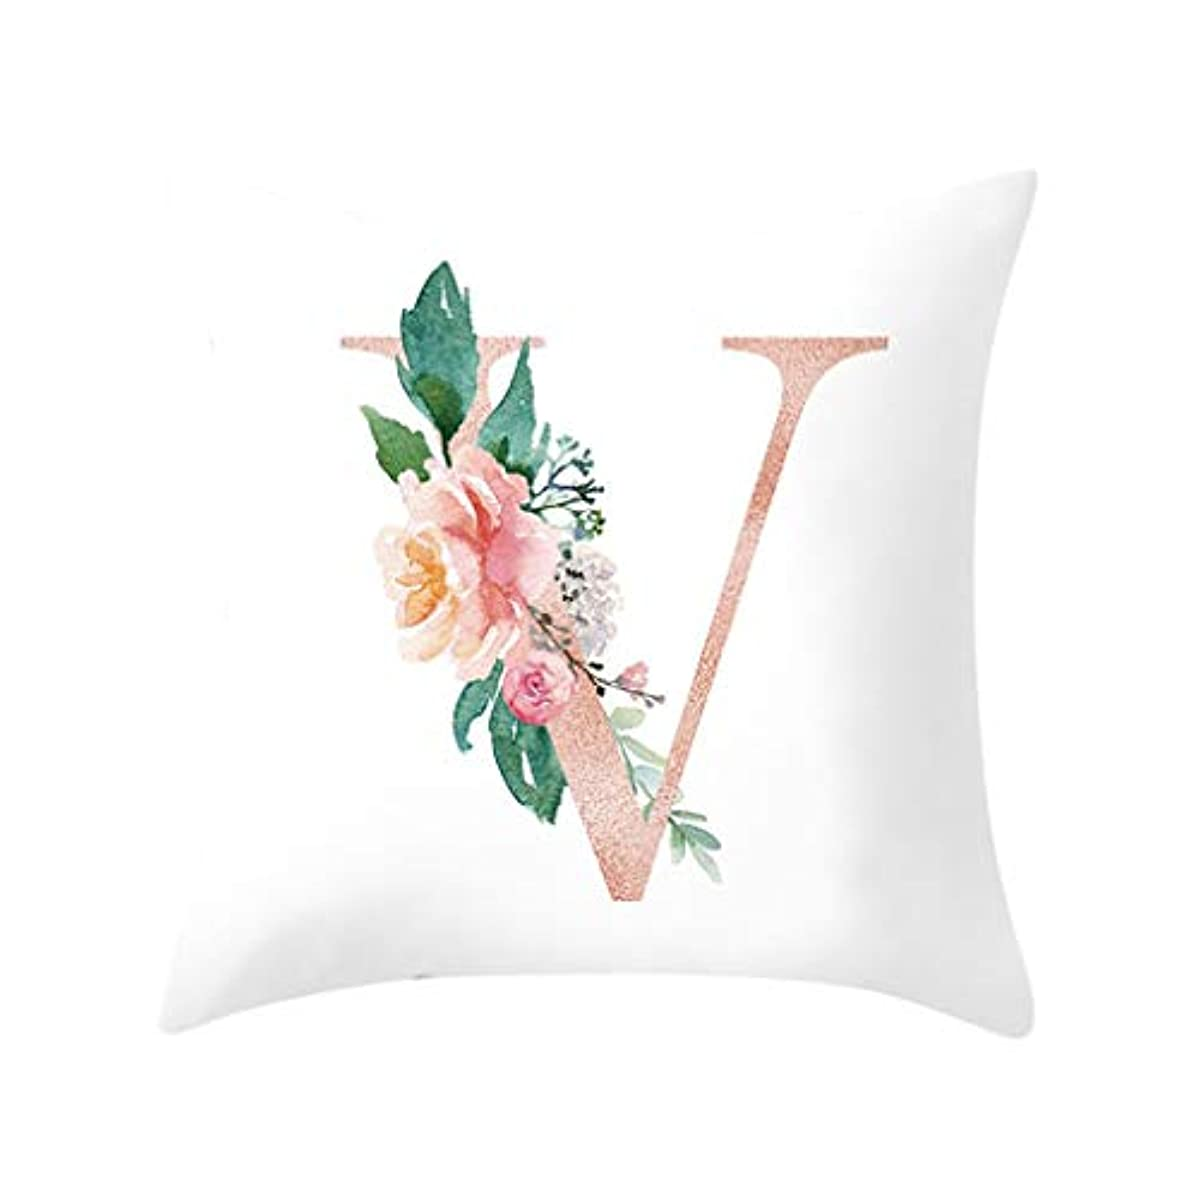 妨げるカプラーホイットニーLIFE 装飾クッションソファ手紙枕アルファベットクッション印刷ソファ家の装飾の花枕 coussin decoratif クッション 椅子